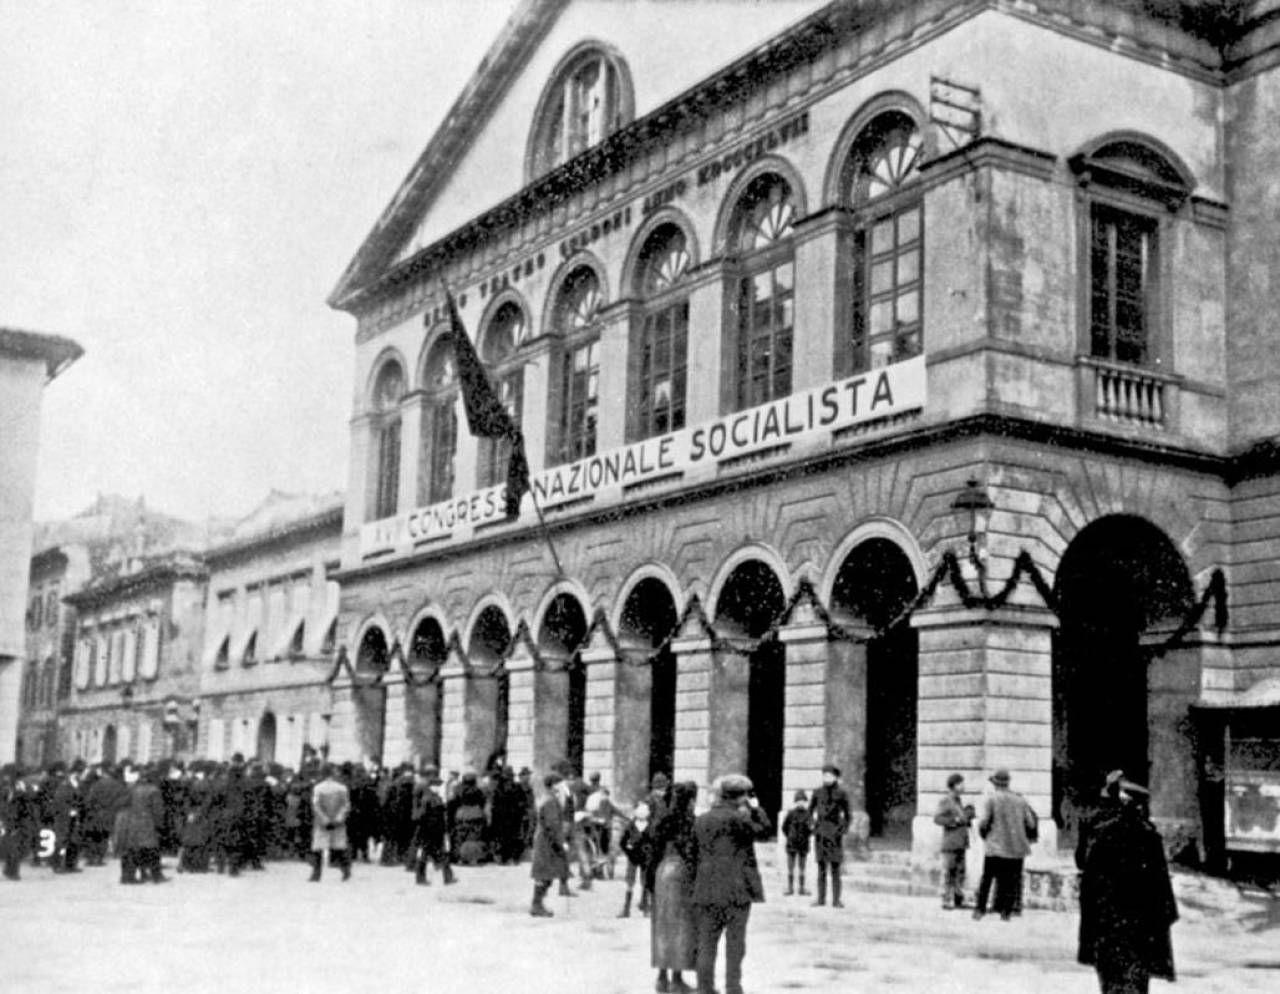 Livorno, 15-21 gennaio 1921, XVII congresso del Psi al Teatro Goldoni. In alto a destra, una cartolina delle Frattocchie